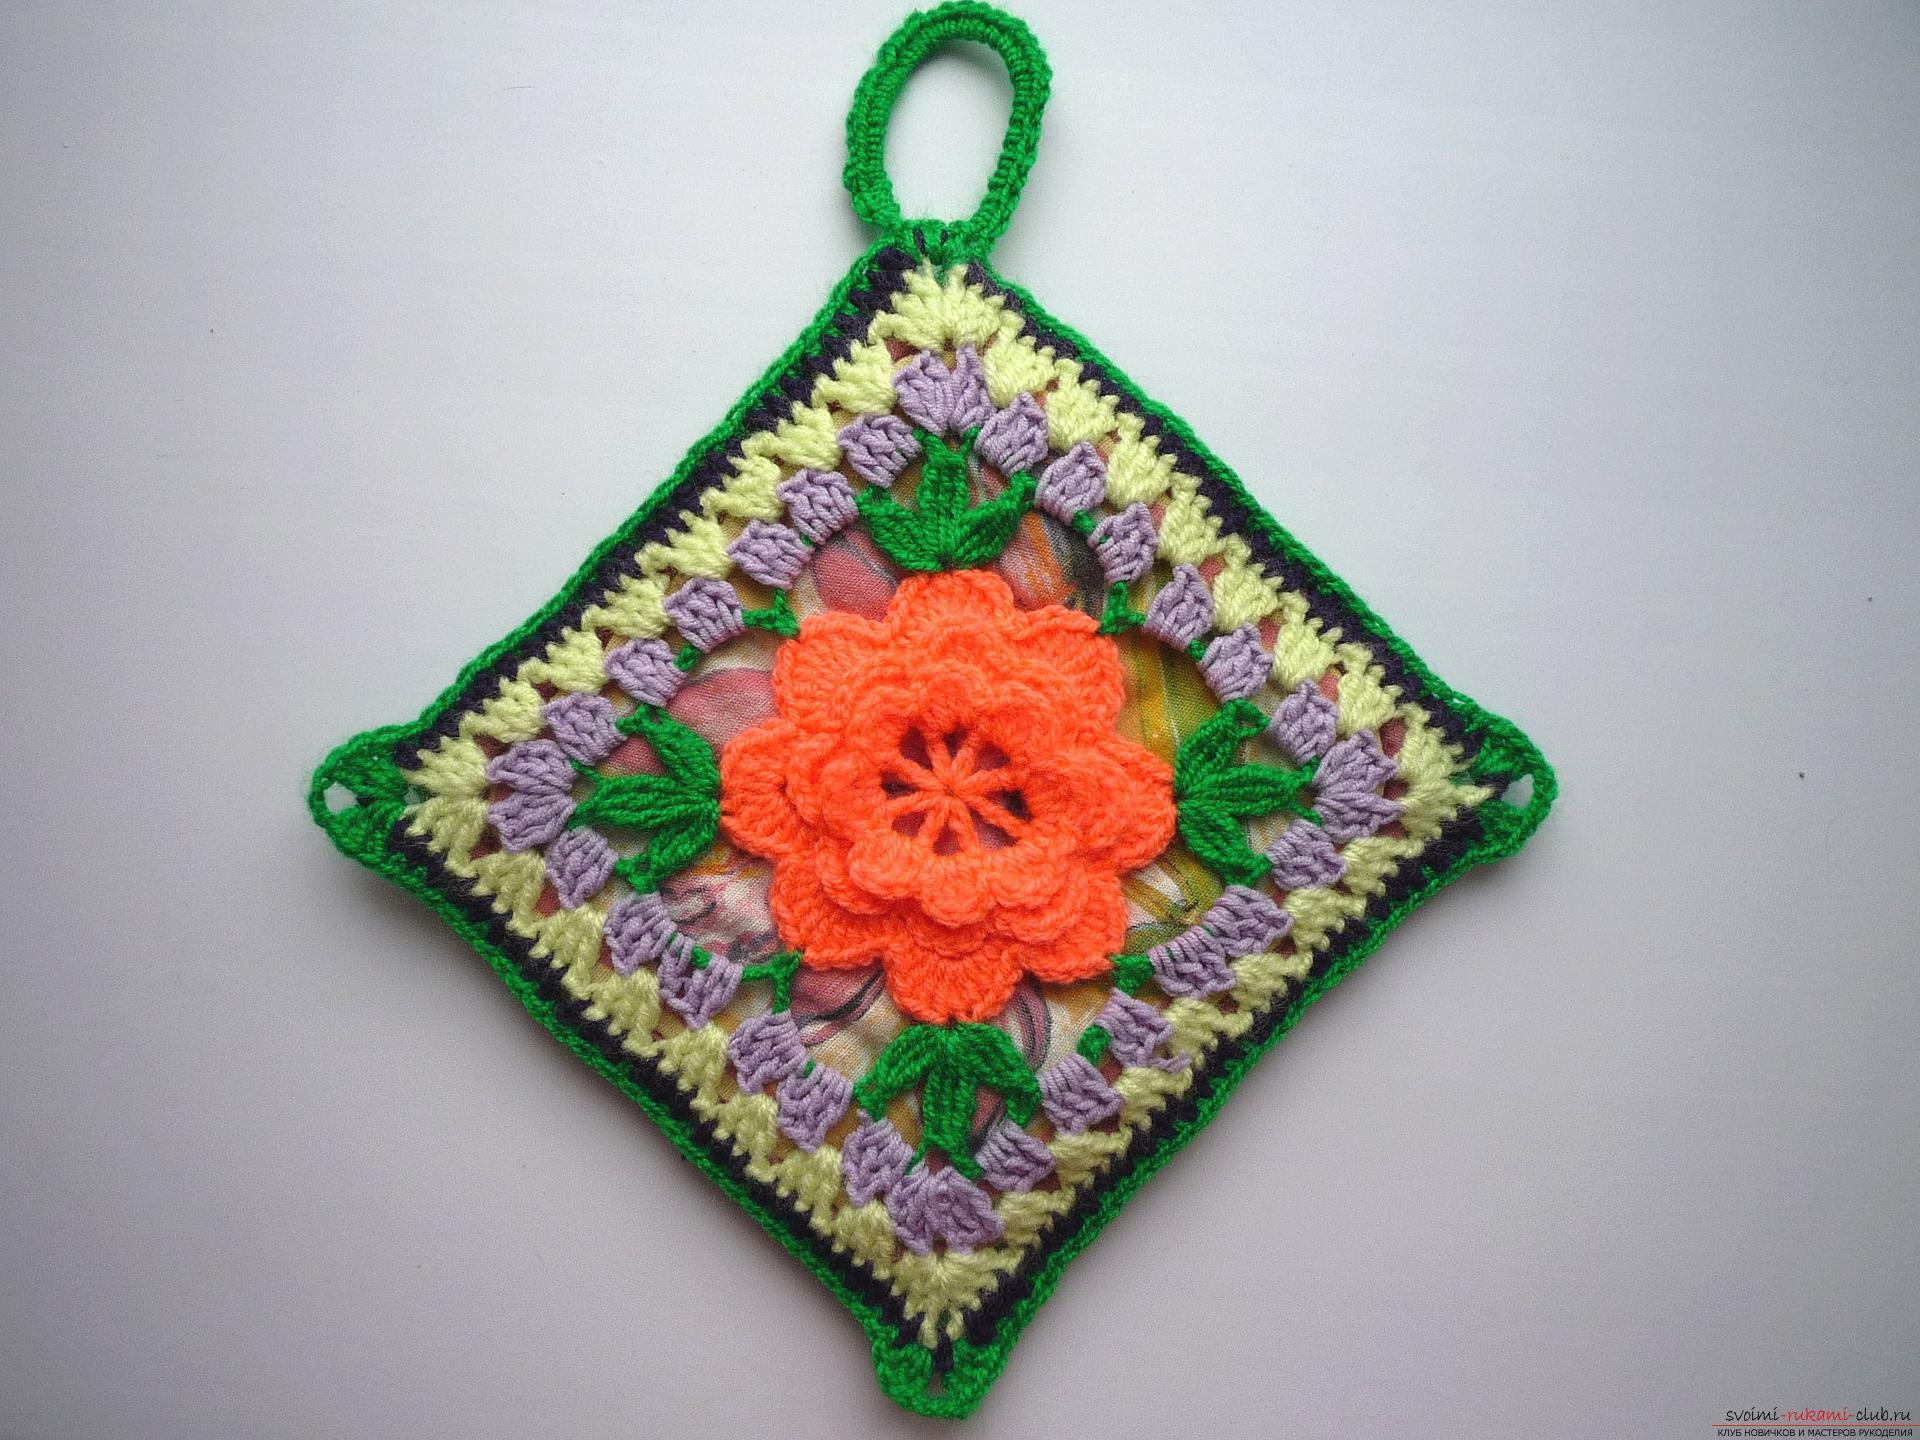 Мастер-класс с фото научит вязать симпатичные прихватки крючком с объемным цветком.. Фото №17